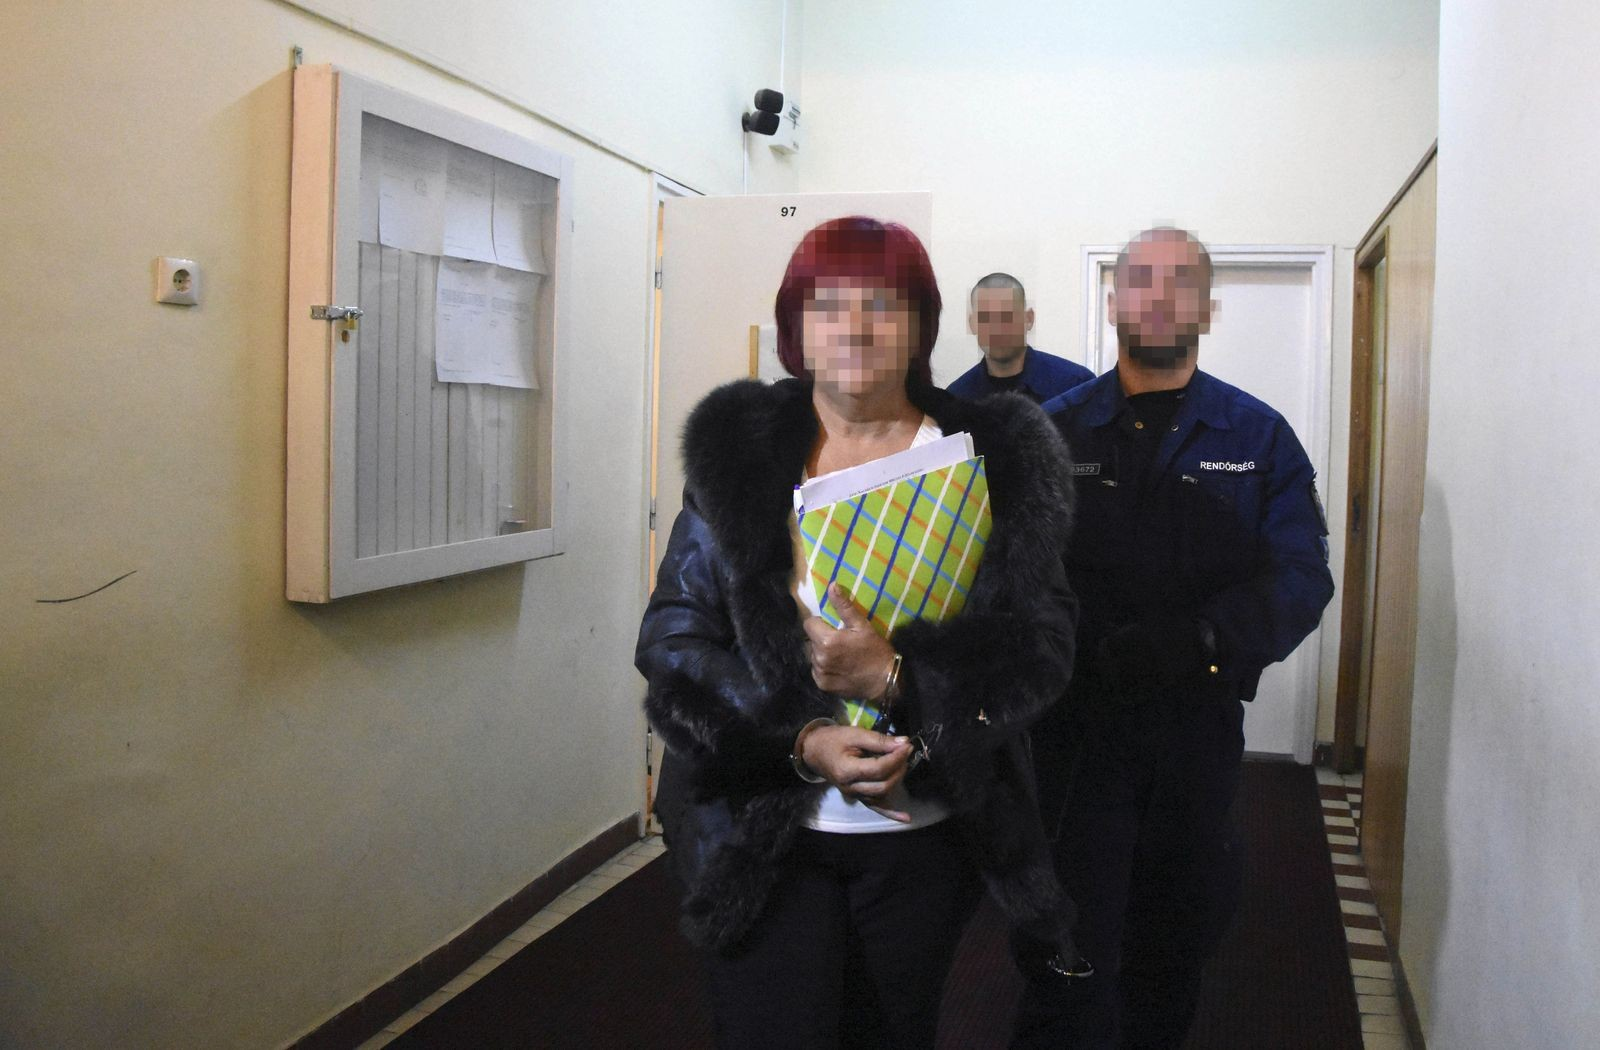 Nincs bizalom, egyenlőre letartóztatták Dobrai Sándornét